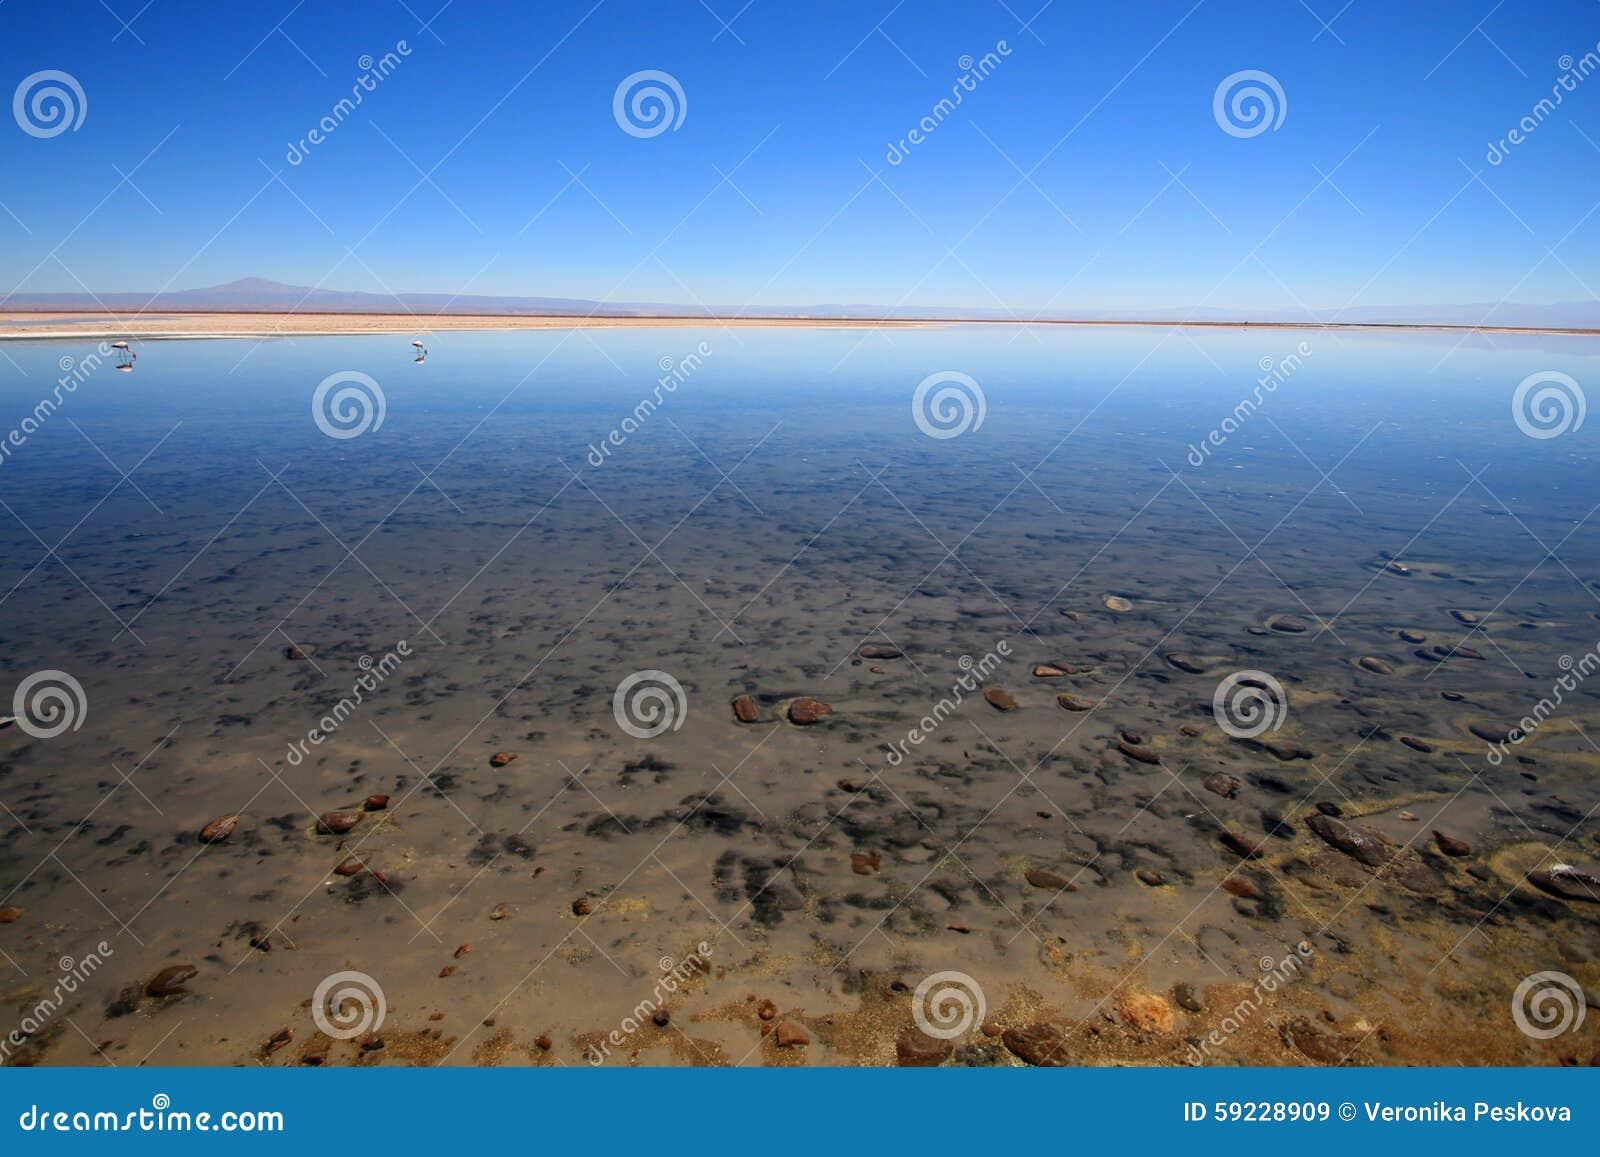 Lago salado en el desierto de Atacama